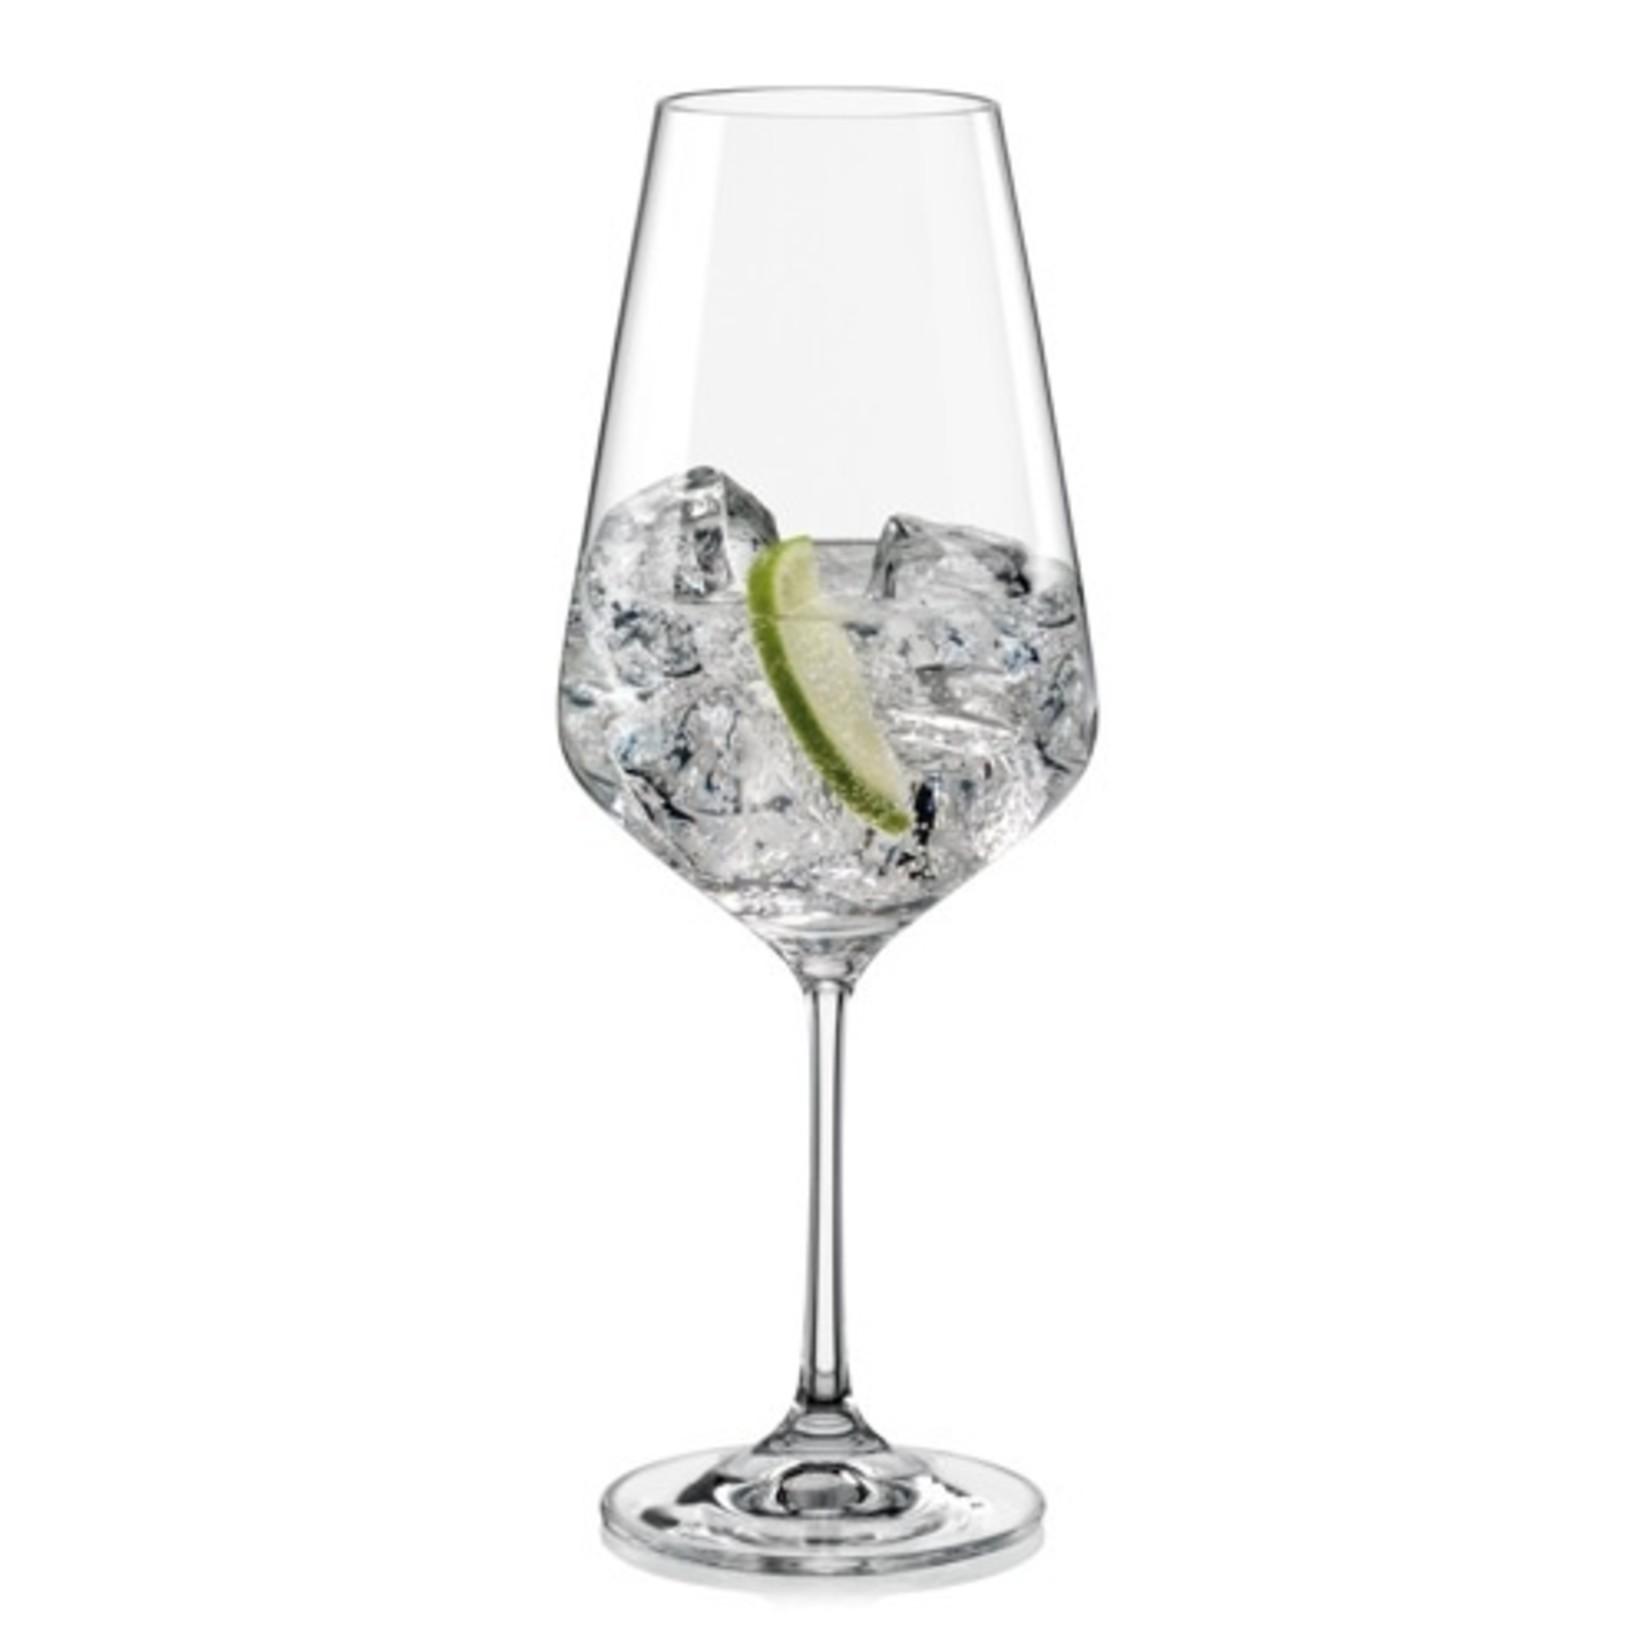 Crystalex Kristallen wijnglas Sandra 550ml /6st